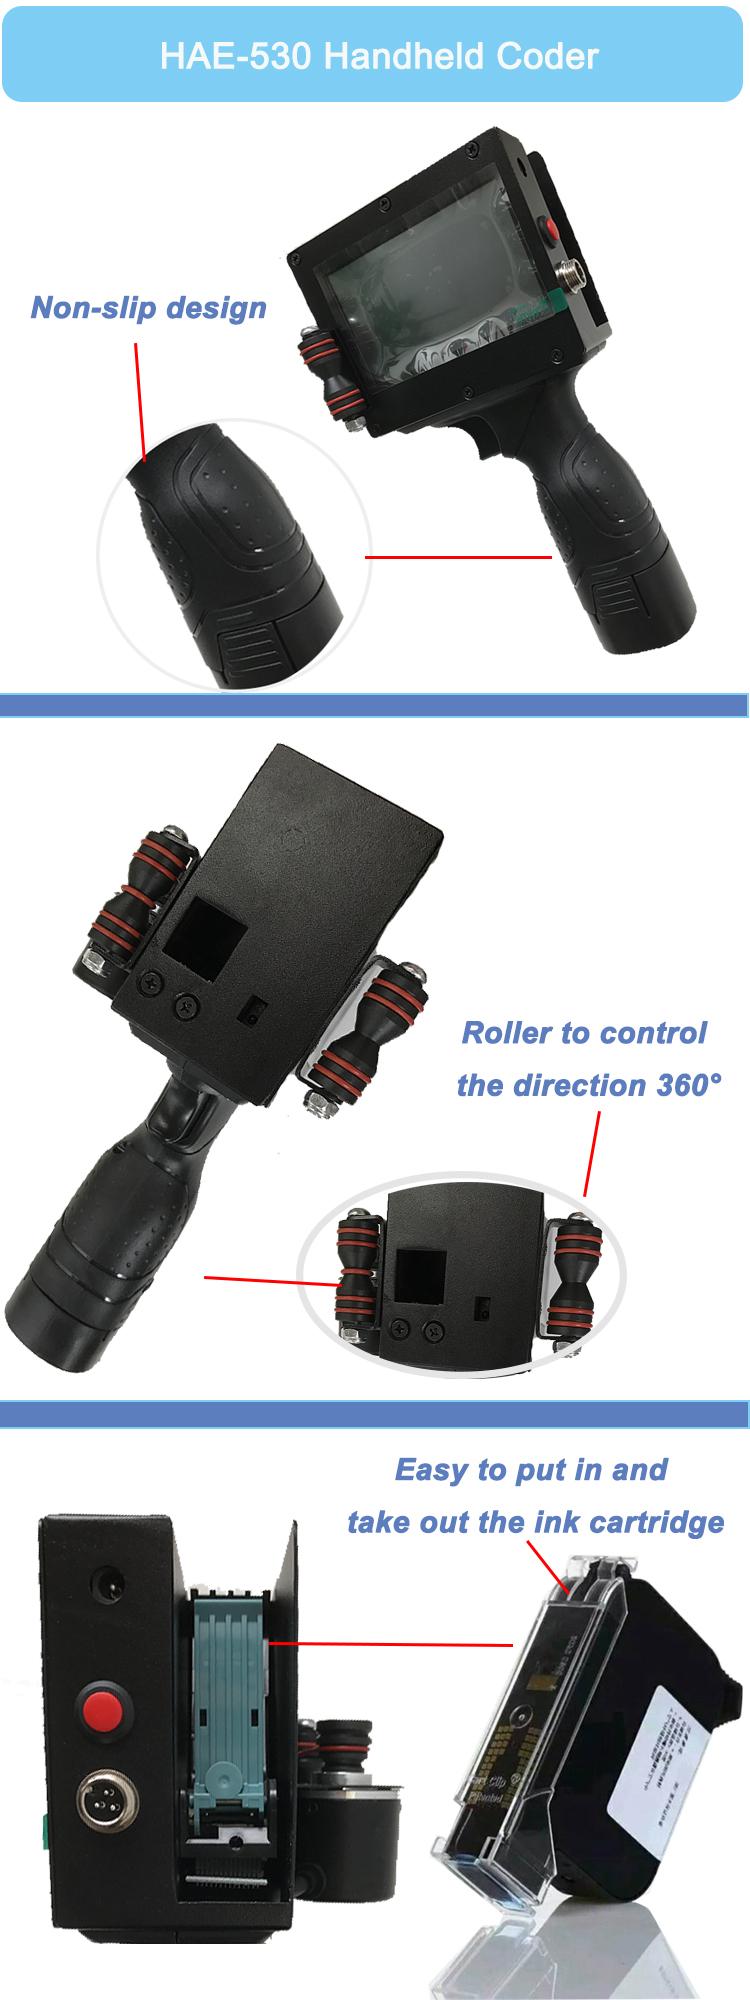 HAE-530 Handheld Portable coder.jpg